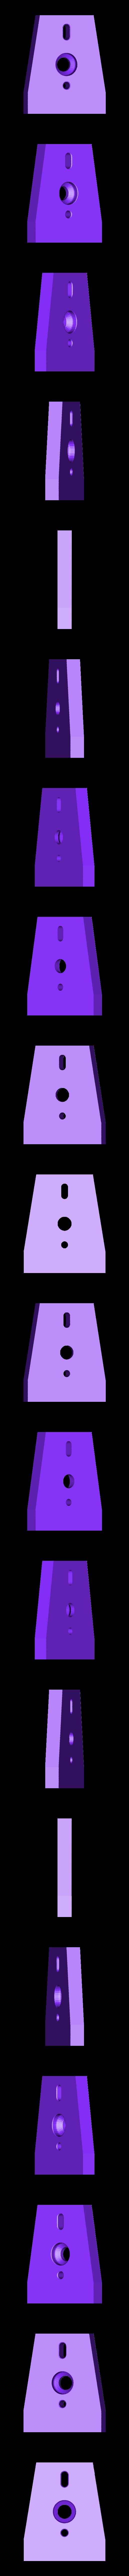 socle quick.stl Télécharger fichier STL socle pour scannage sur quick • Modèle à imprimer en 3D, aknotdesign